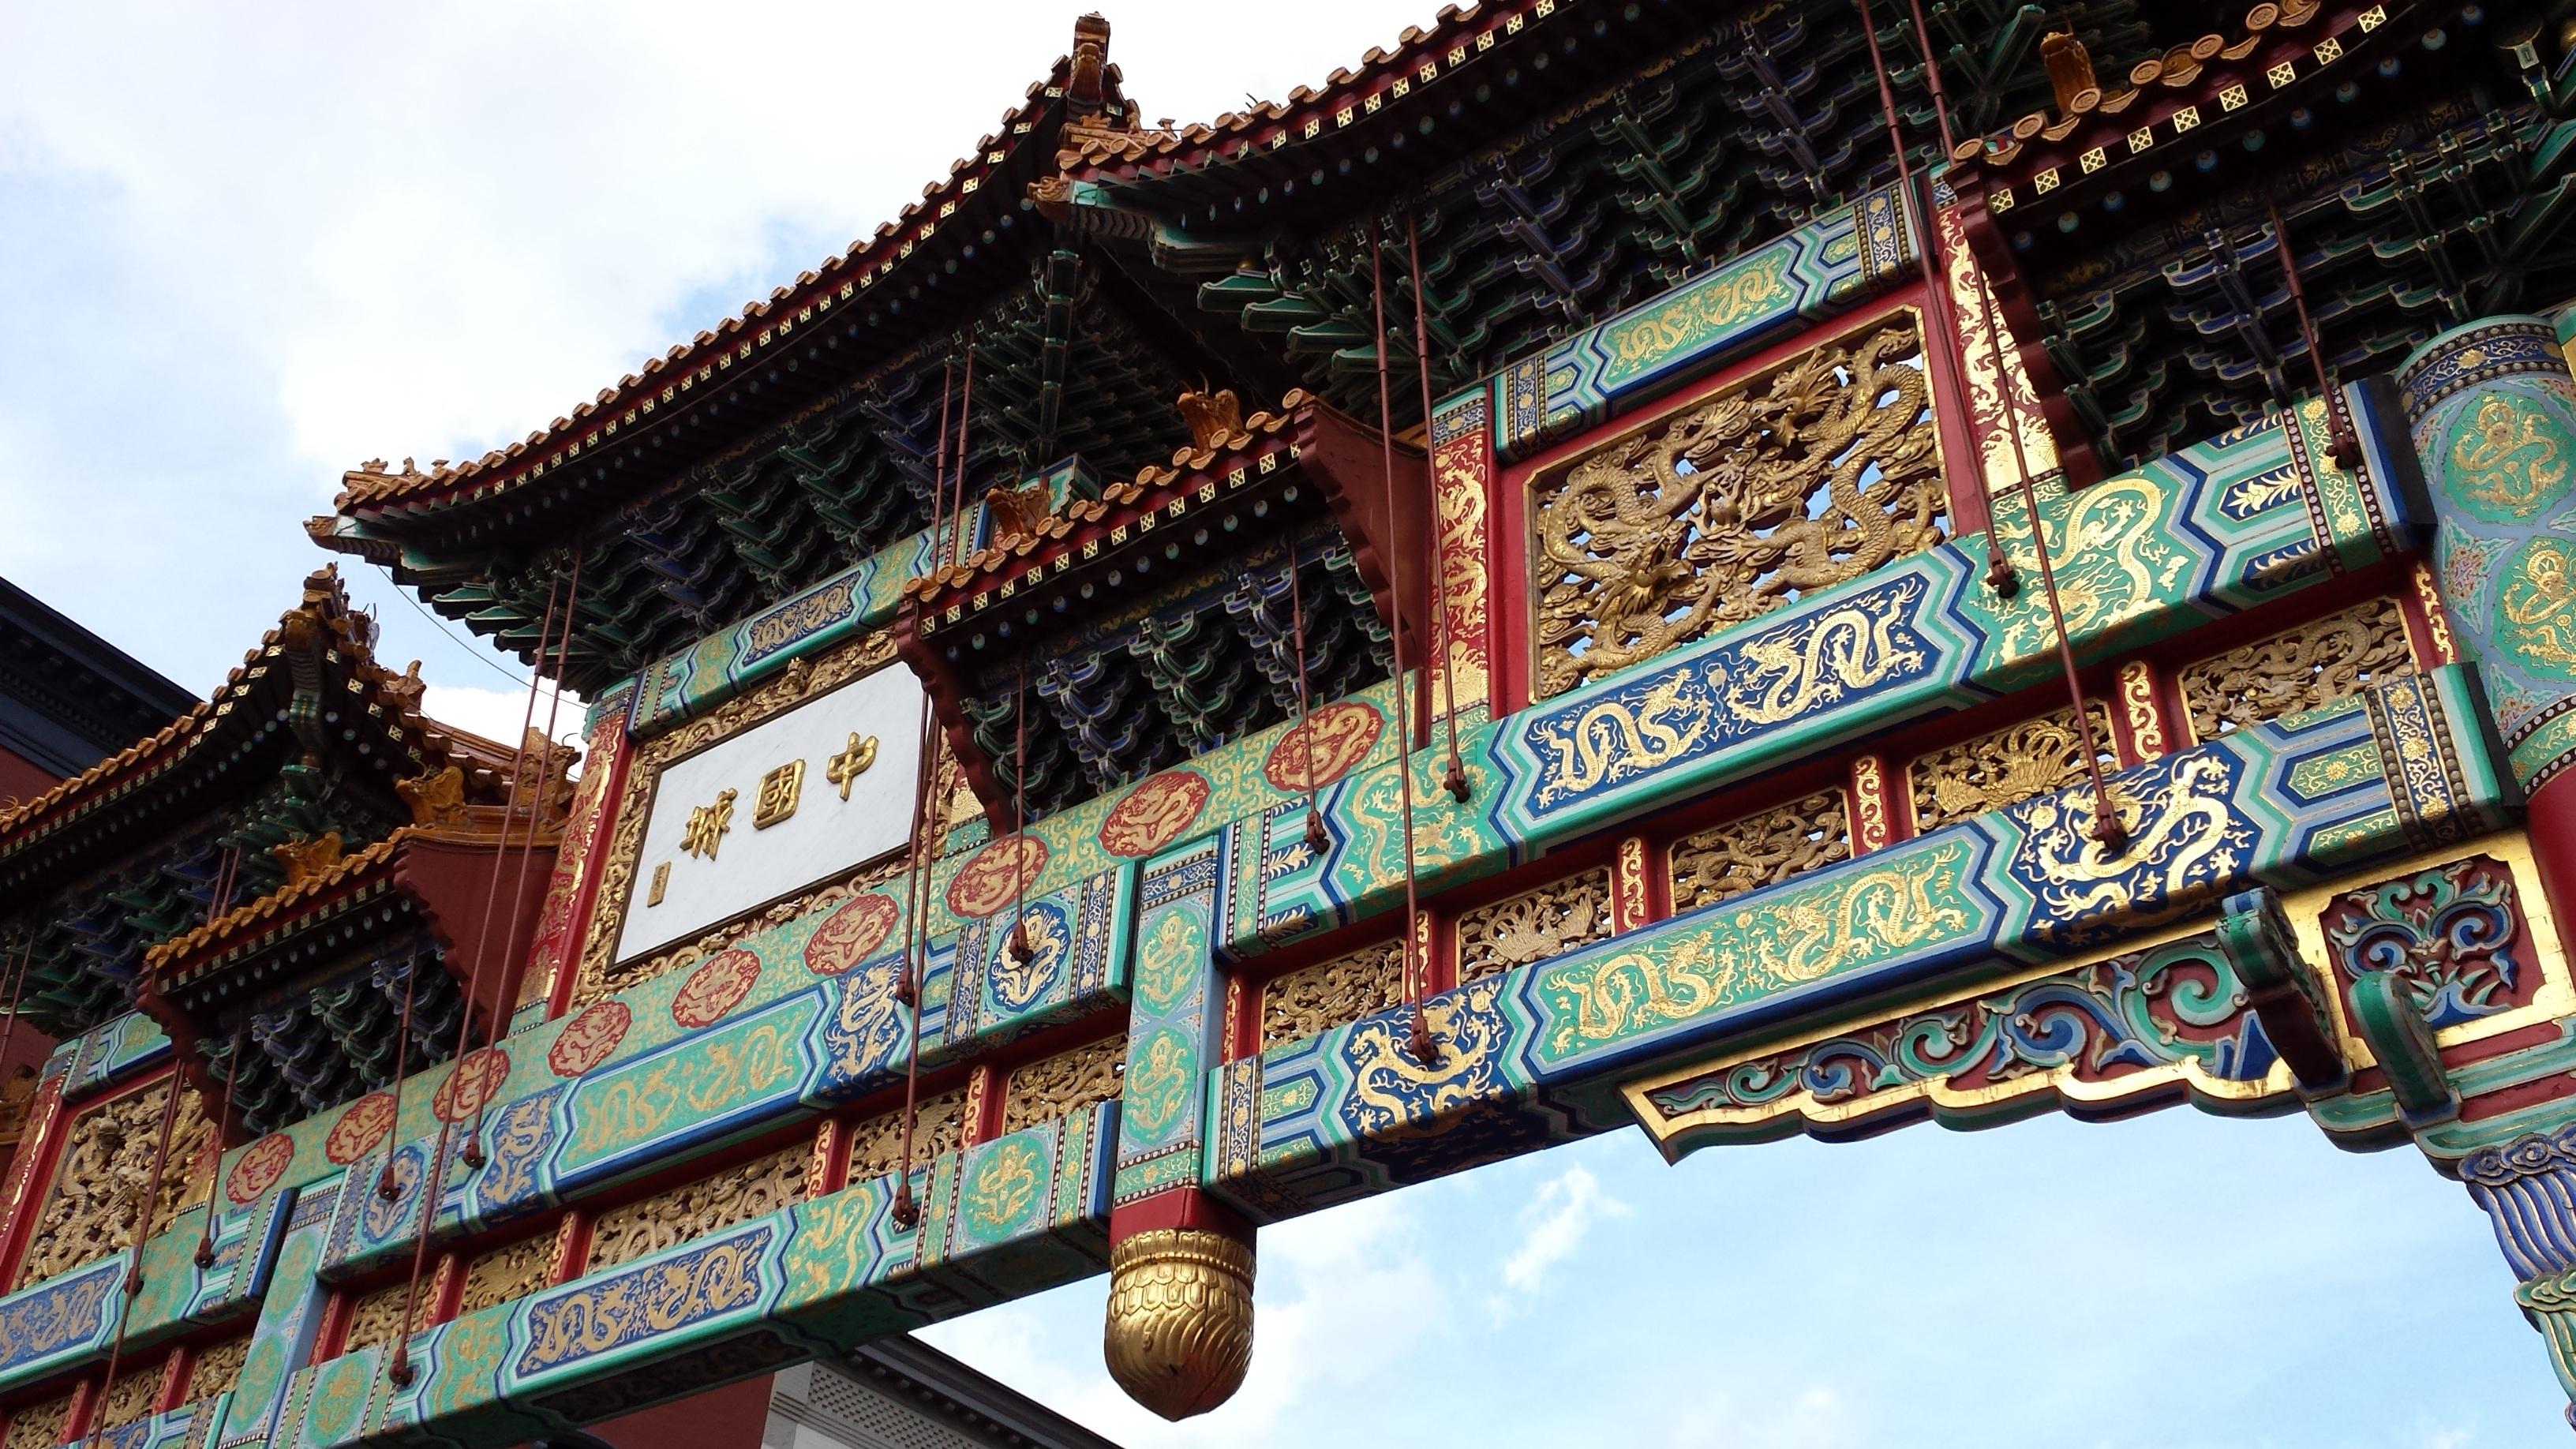 Architecture Building Asian Landmark Tourism Place Of Worship Washington United States Temple Shrine Chinese Chinatown